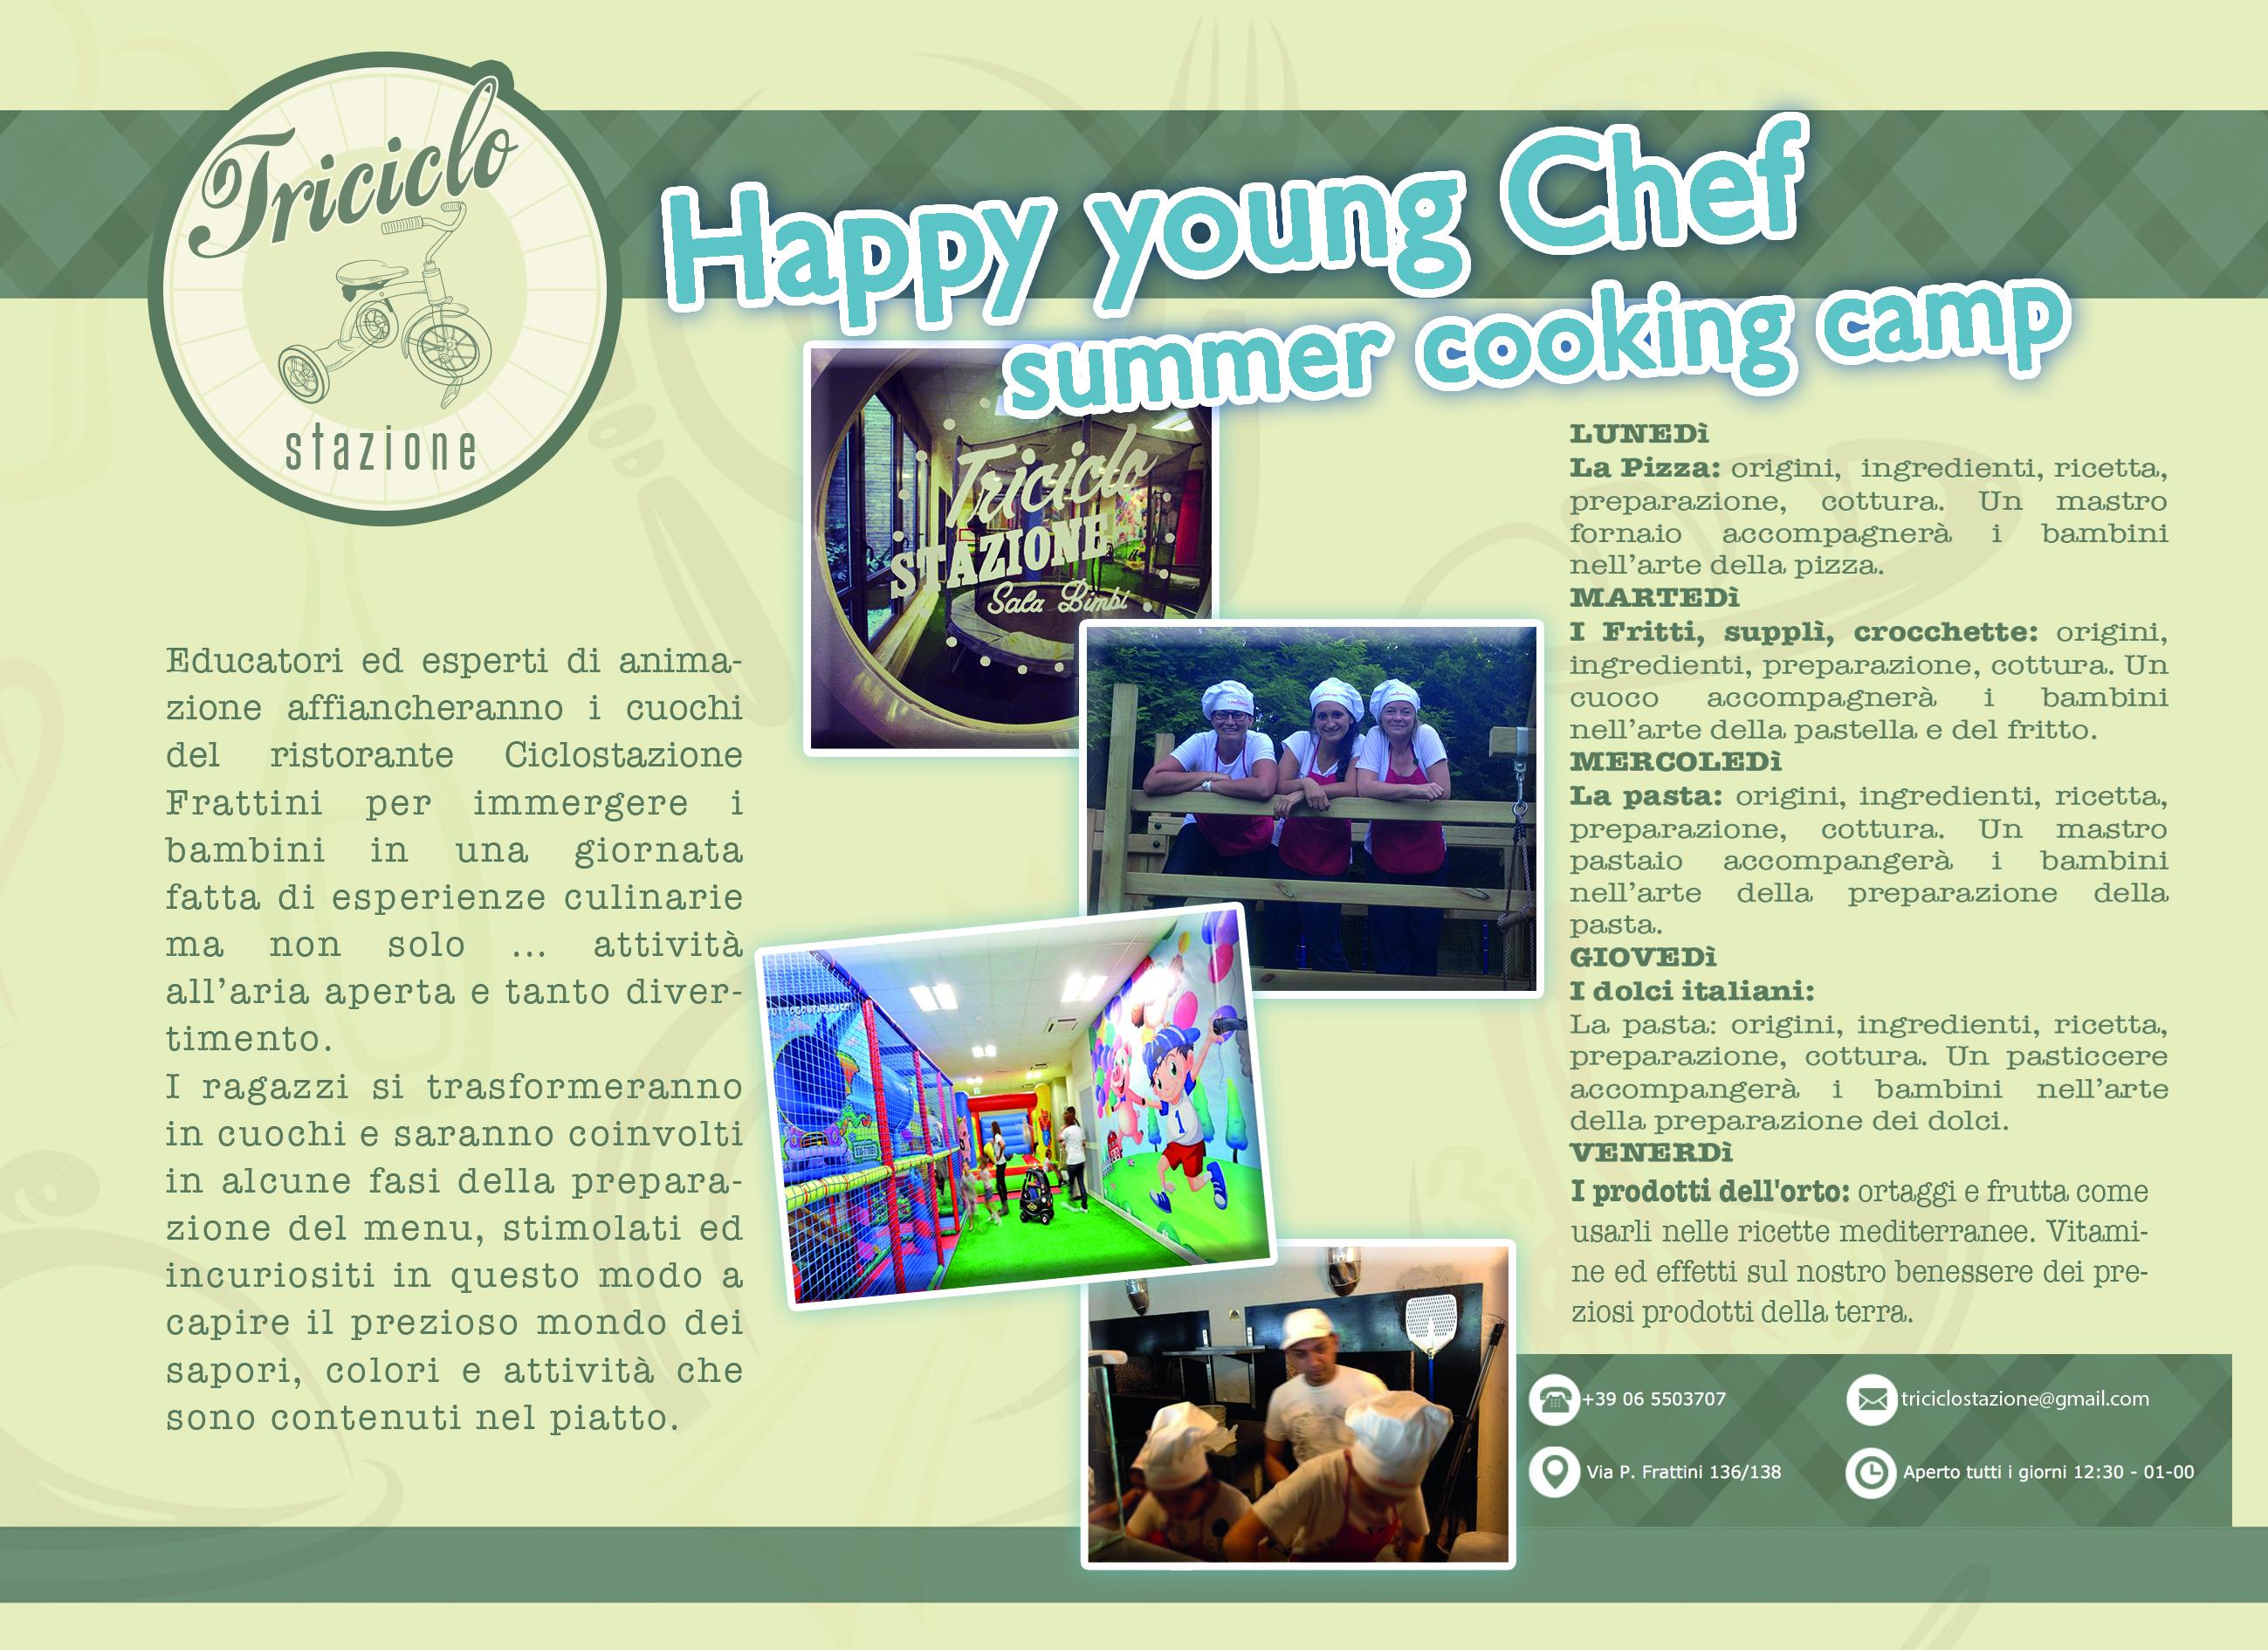 Summer Cooking Camp 2015 HYC presso il ristorante Ciclostazione Frattini di Roma - Via Pietro Frattini 136/138  triciclostazione@gmail.com